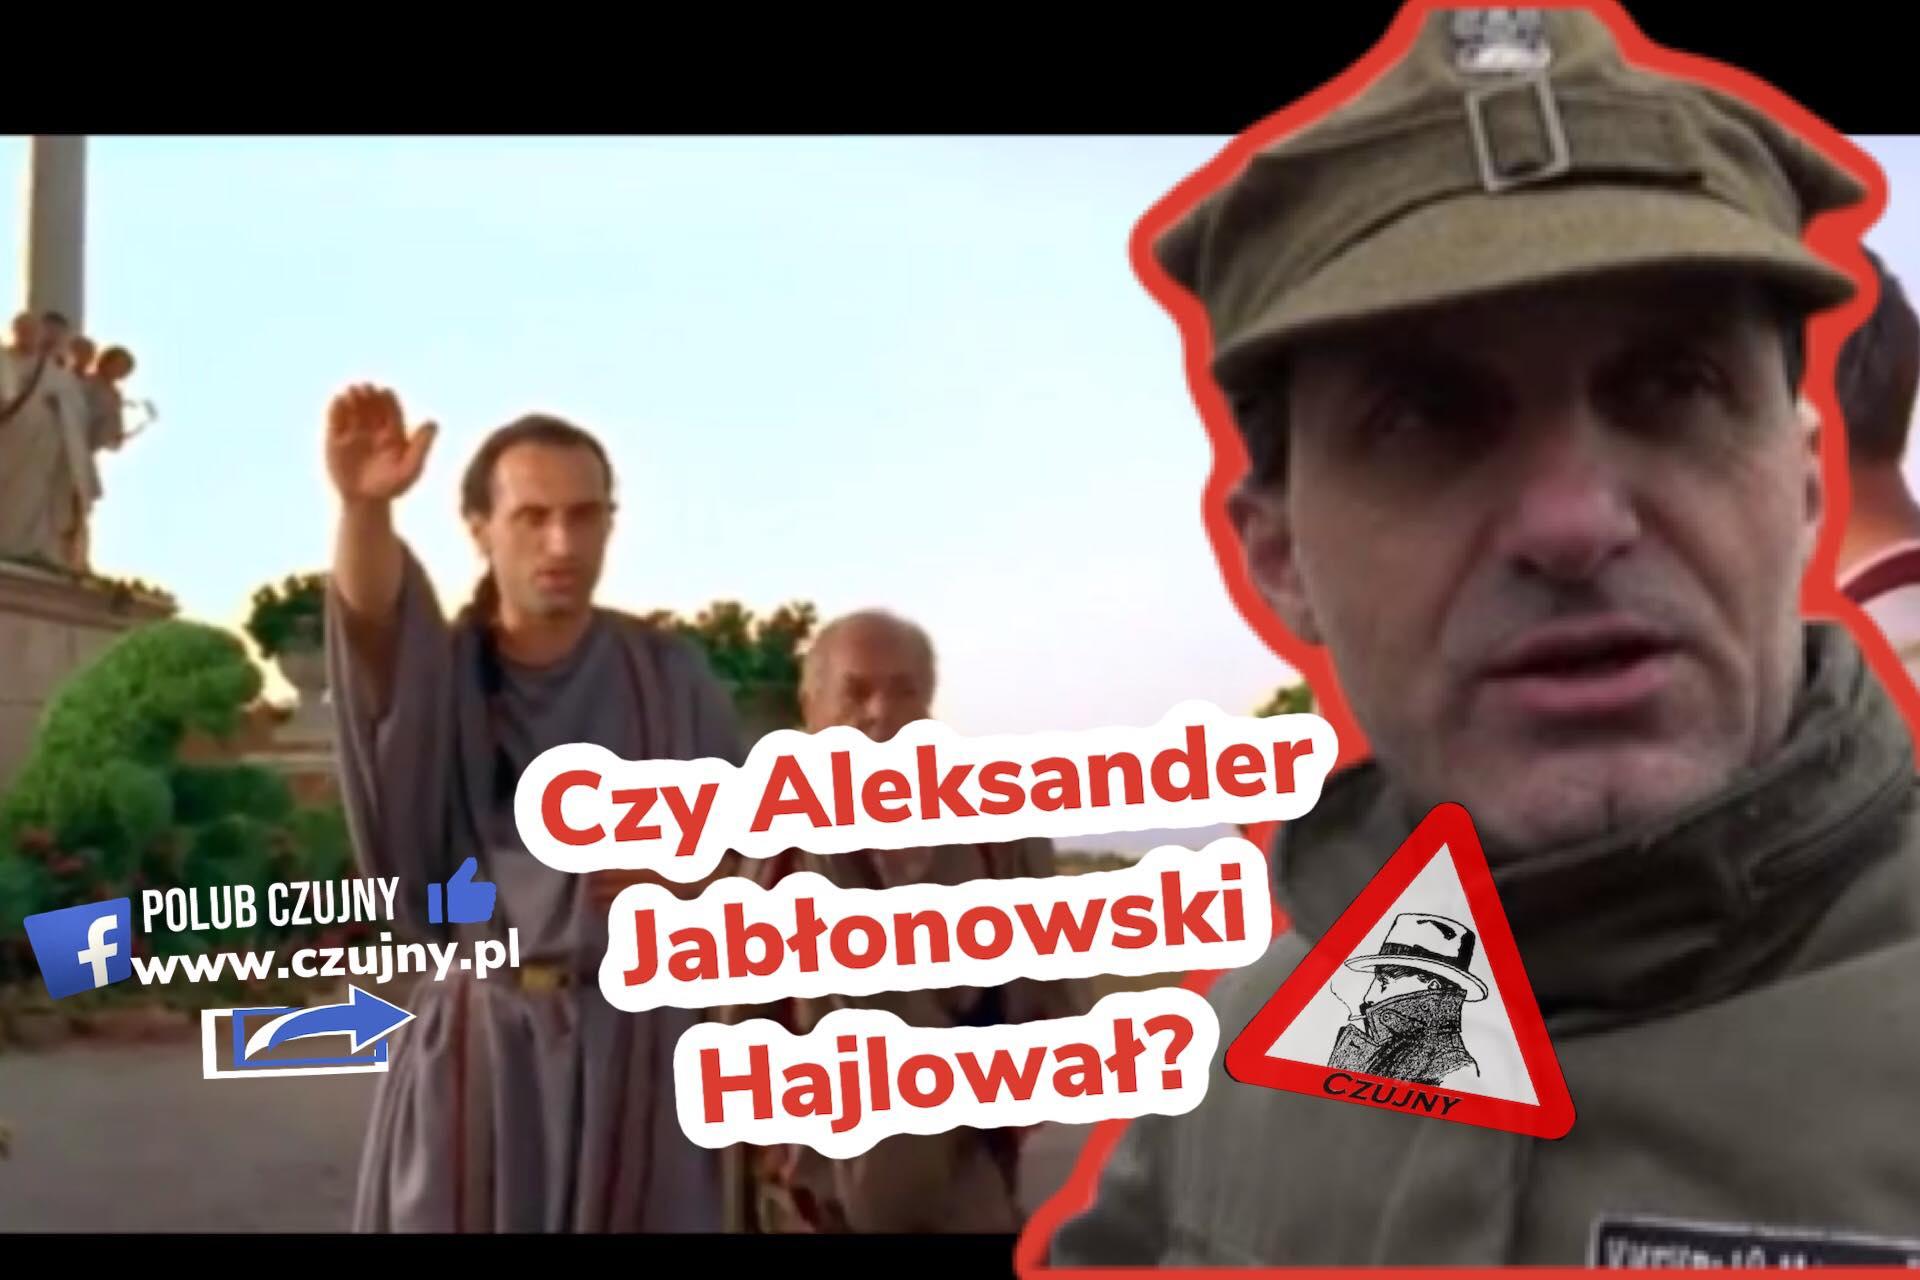 Czy Aleksander Jabłonowski hajlował?